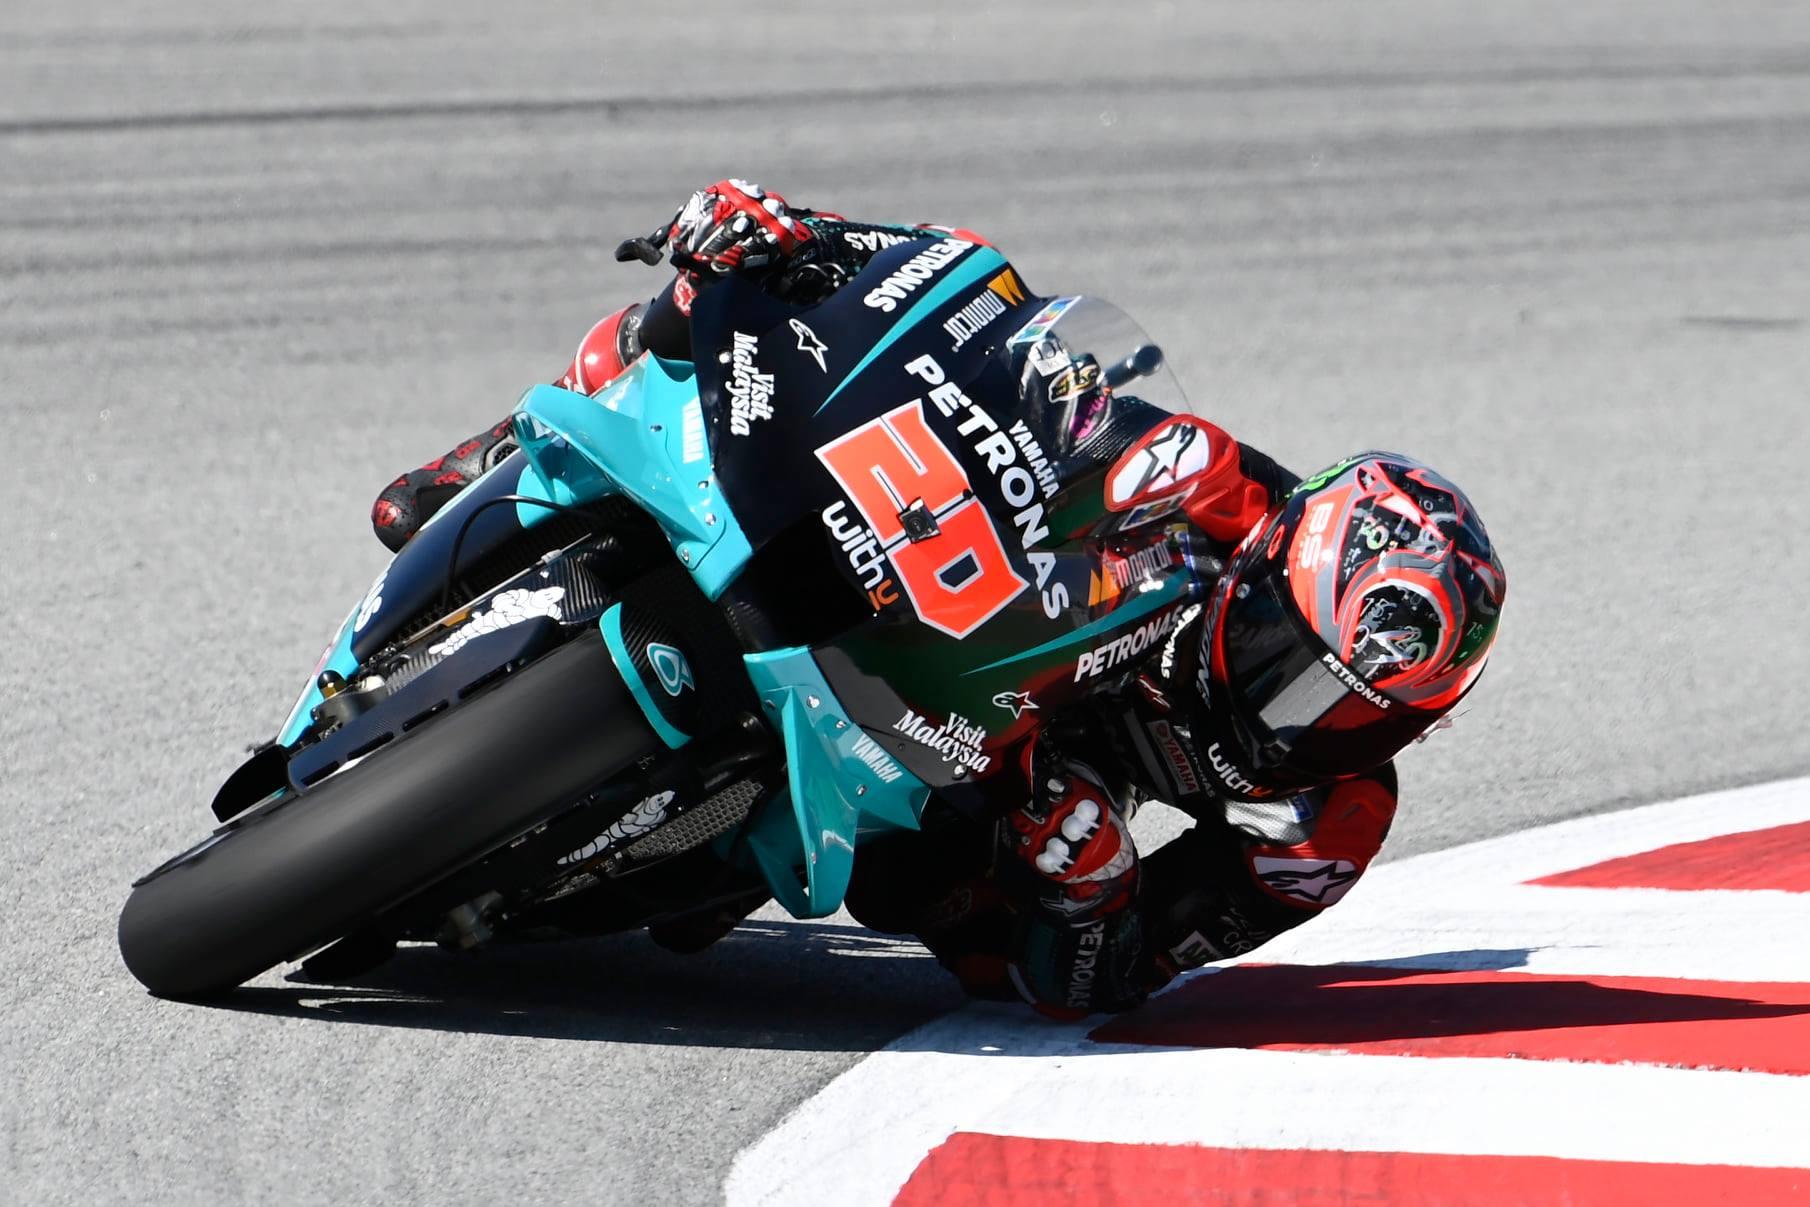 """<span style=""""background:#d5002c; color:white; padding: 0 2px"""">MotoGP</span> Po pertraukos Barselonoje pergalę iškovojo F. Quartararo"""